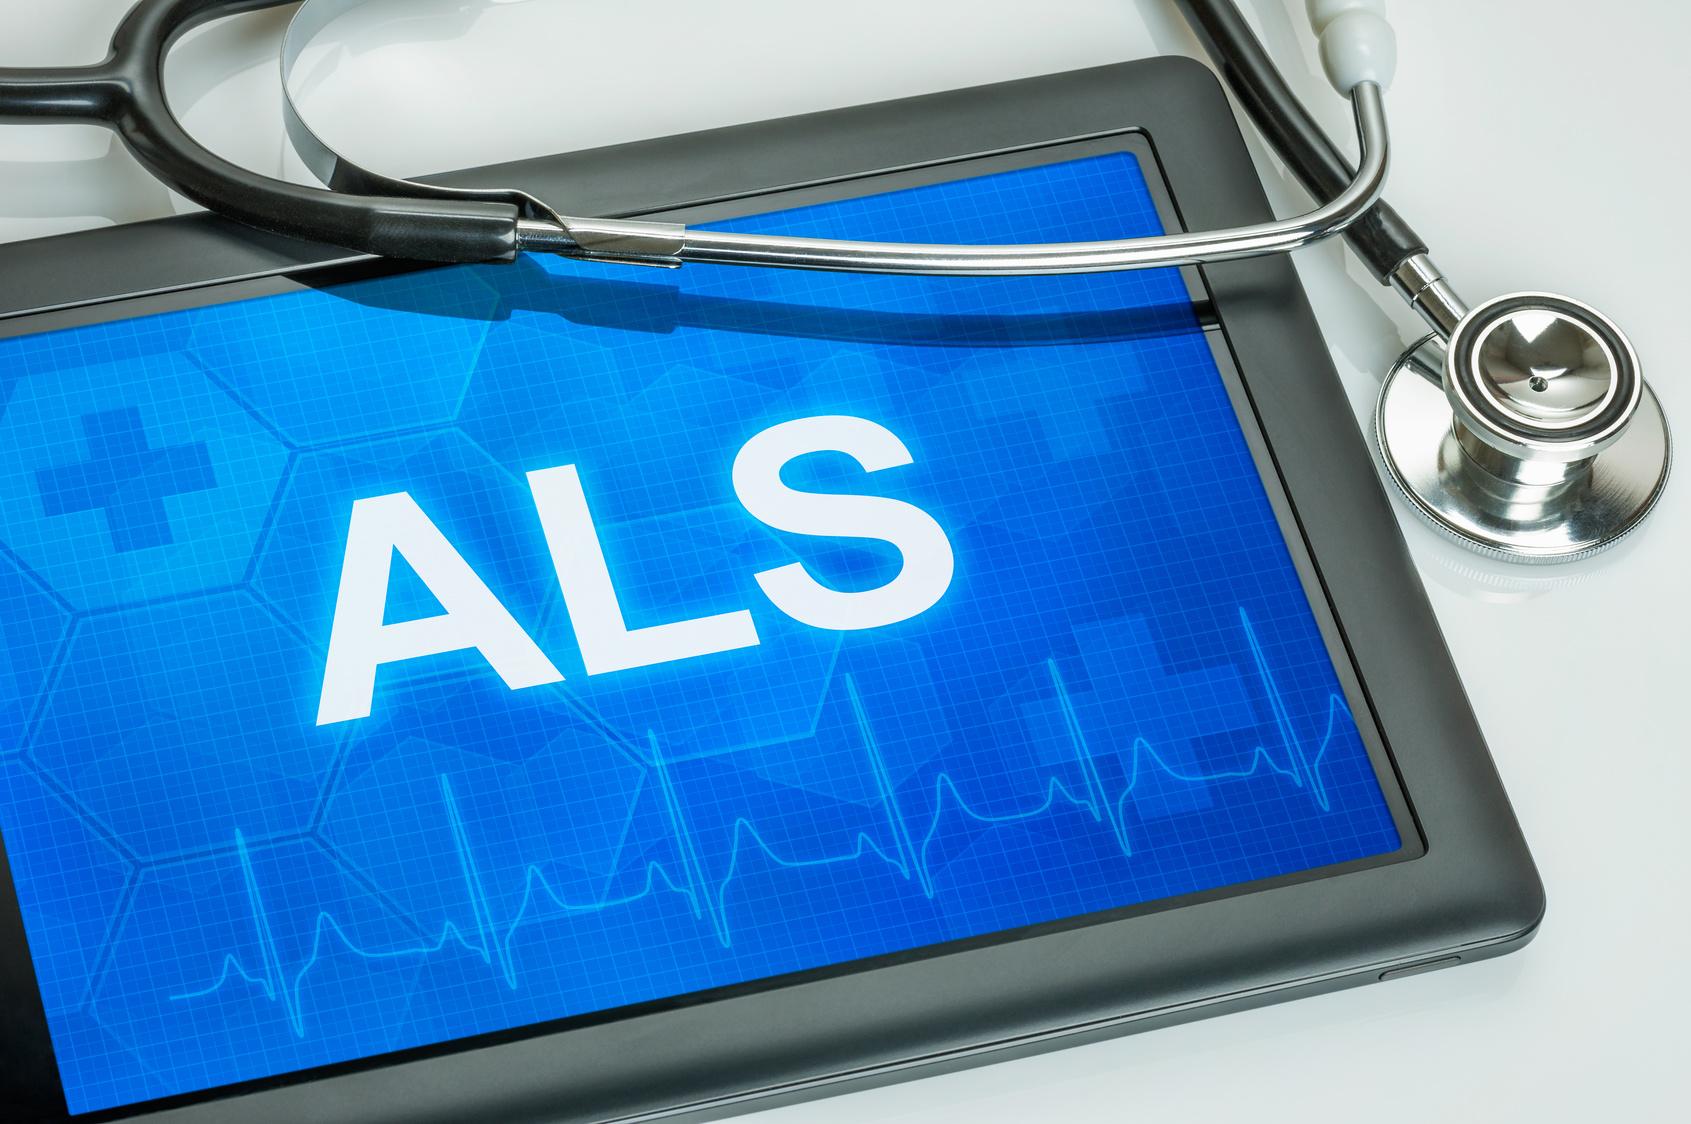 als-Amyotrophe-Lateralsklerose-diagnose-stethoskop-tablet-blauer-screen-herzschlag